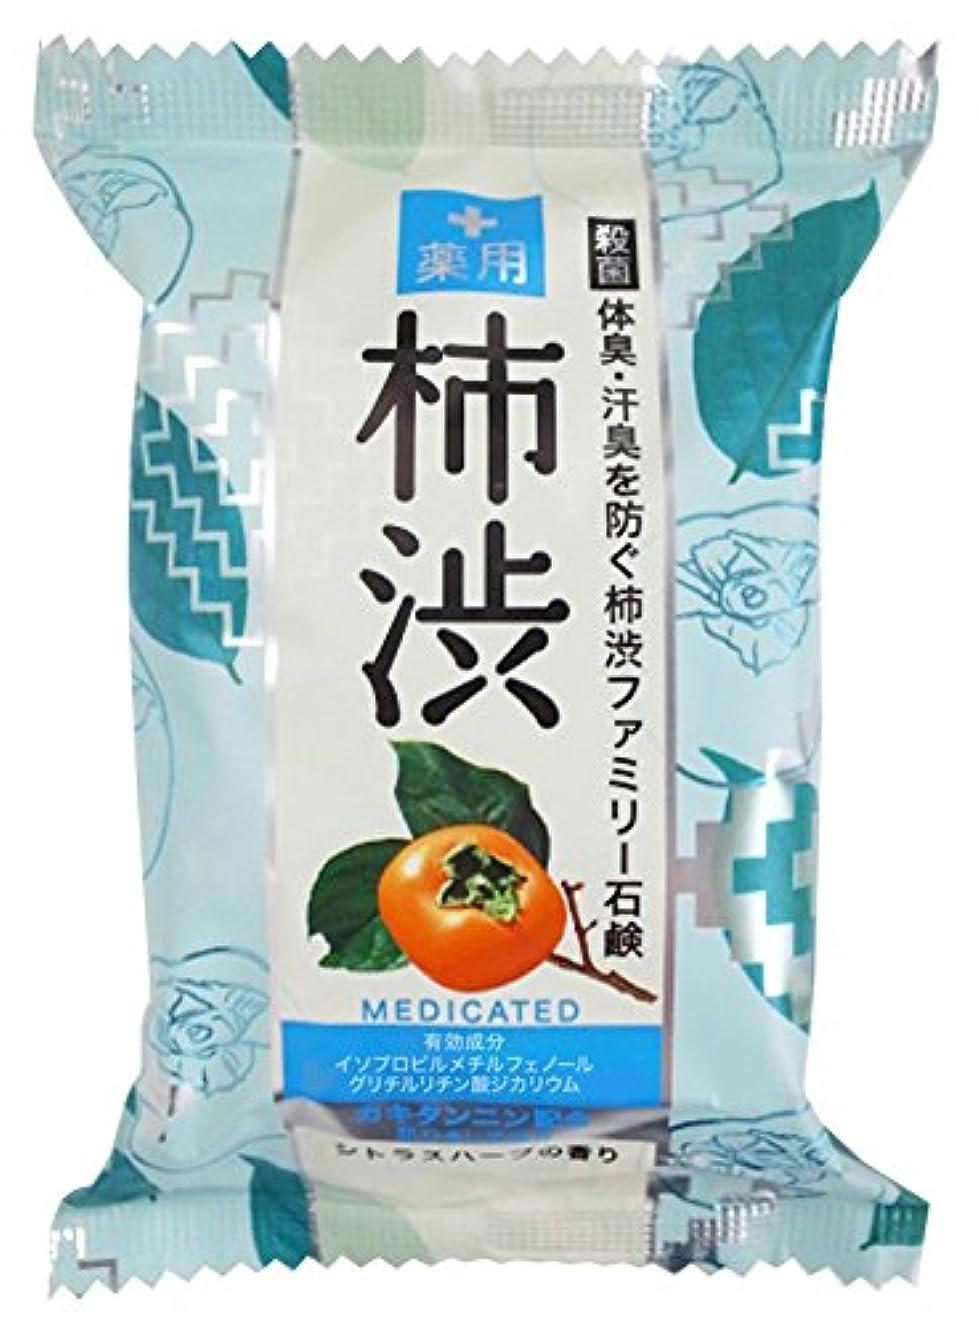 の通知アトミックペリカン石鹸 薬用ファミリー柿渋石鹸